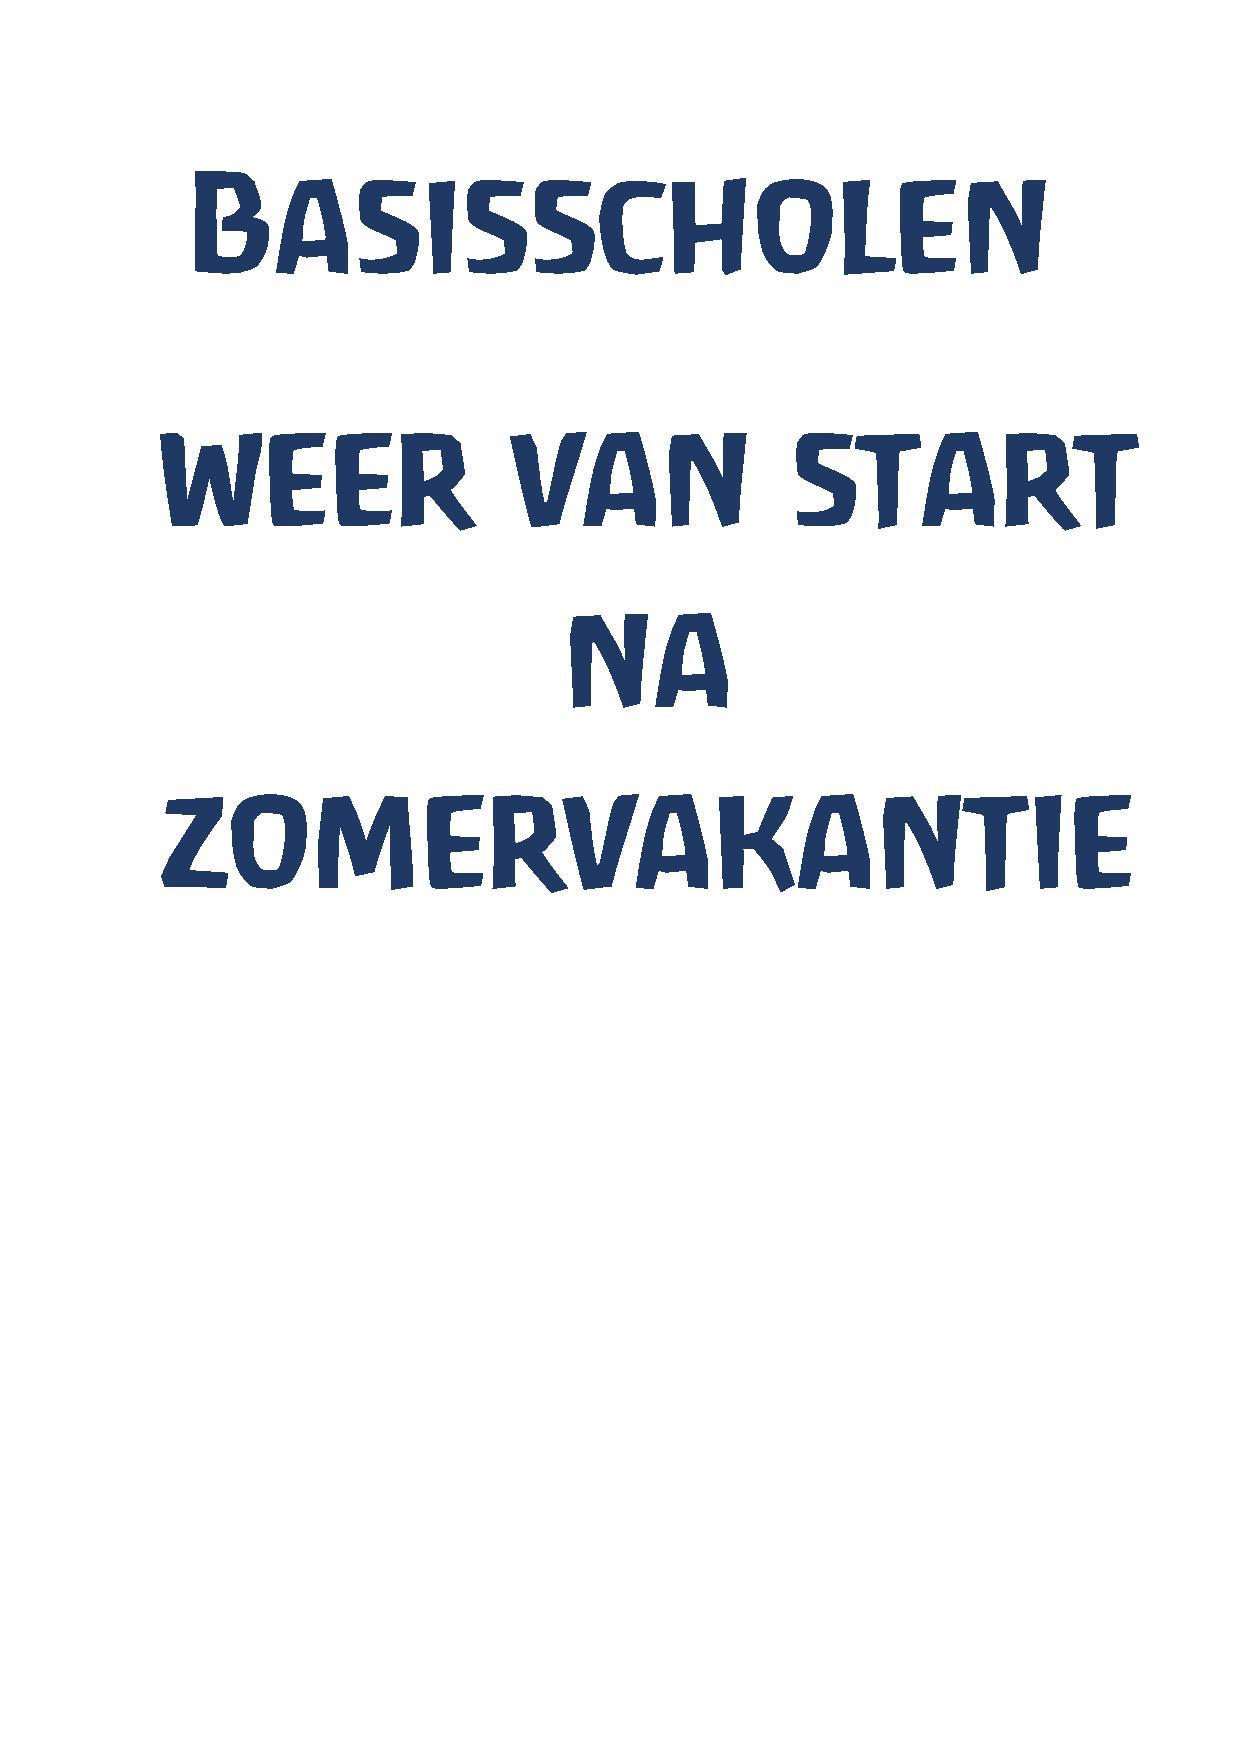 Basisscholen Weer Van Start Page 001